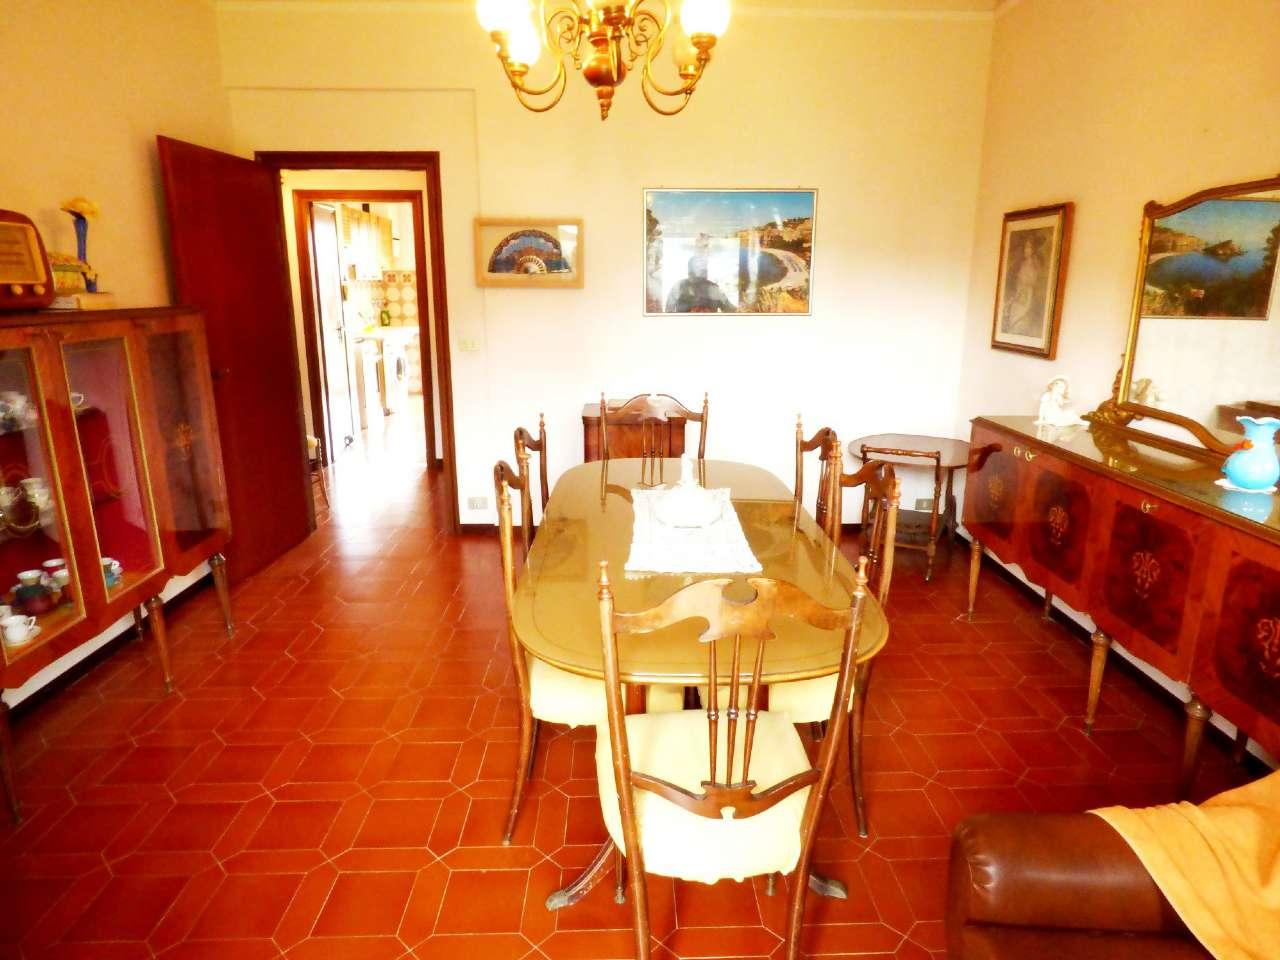 Appartamento in vendita a San Colombano Certenoli, 6 locali, prezzo € 119.000 | CambioCasa.it